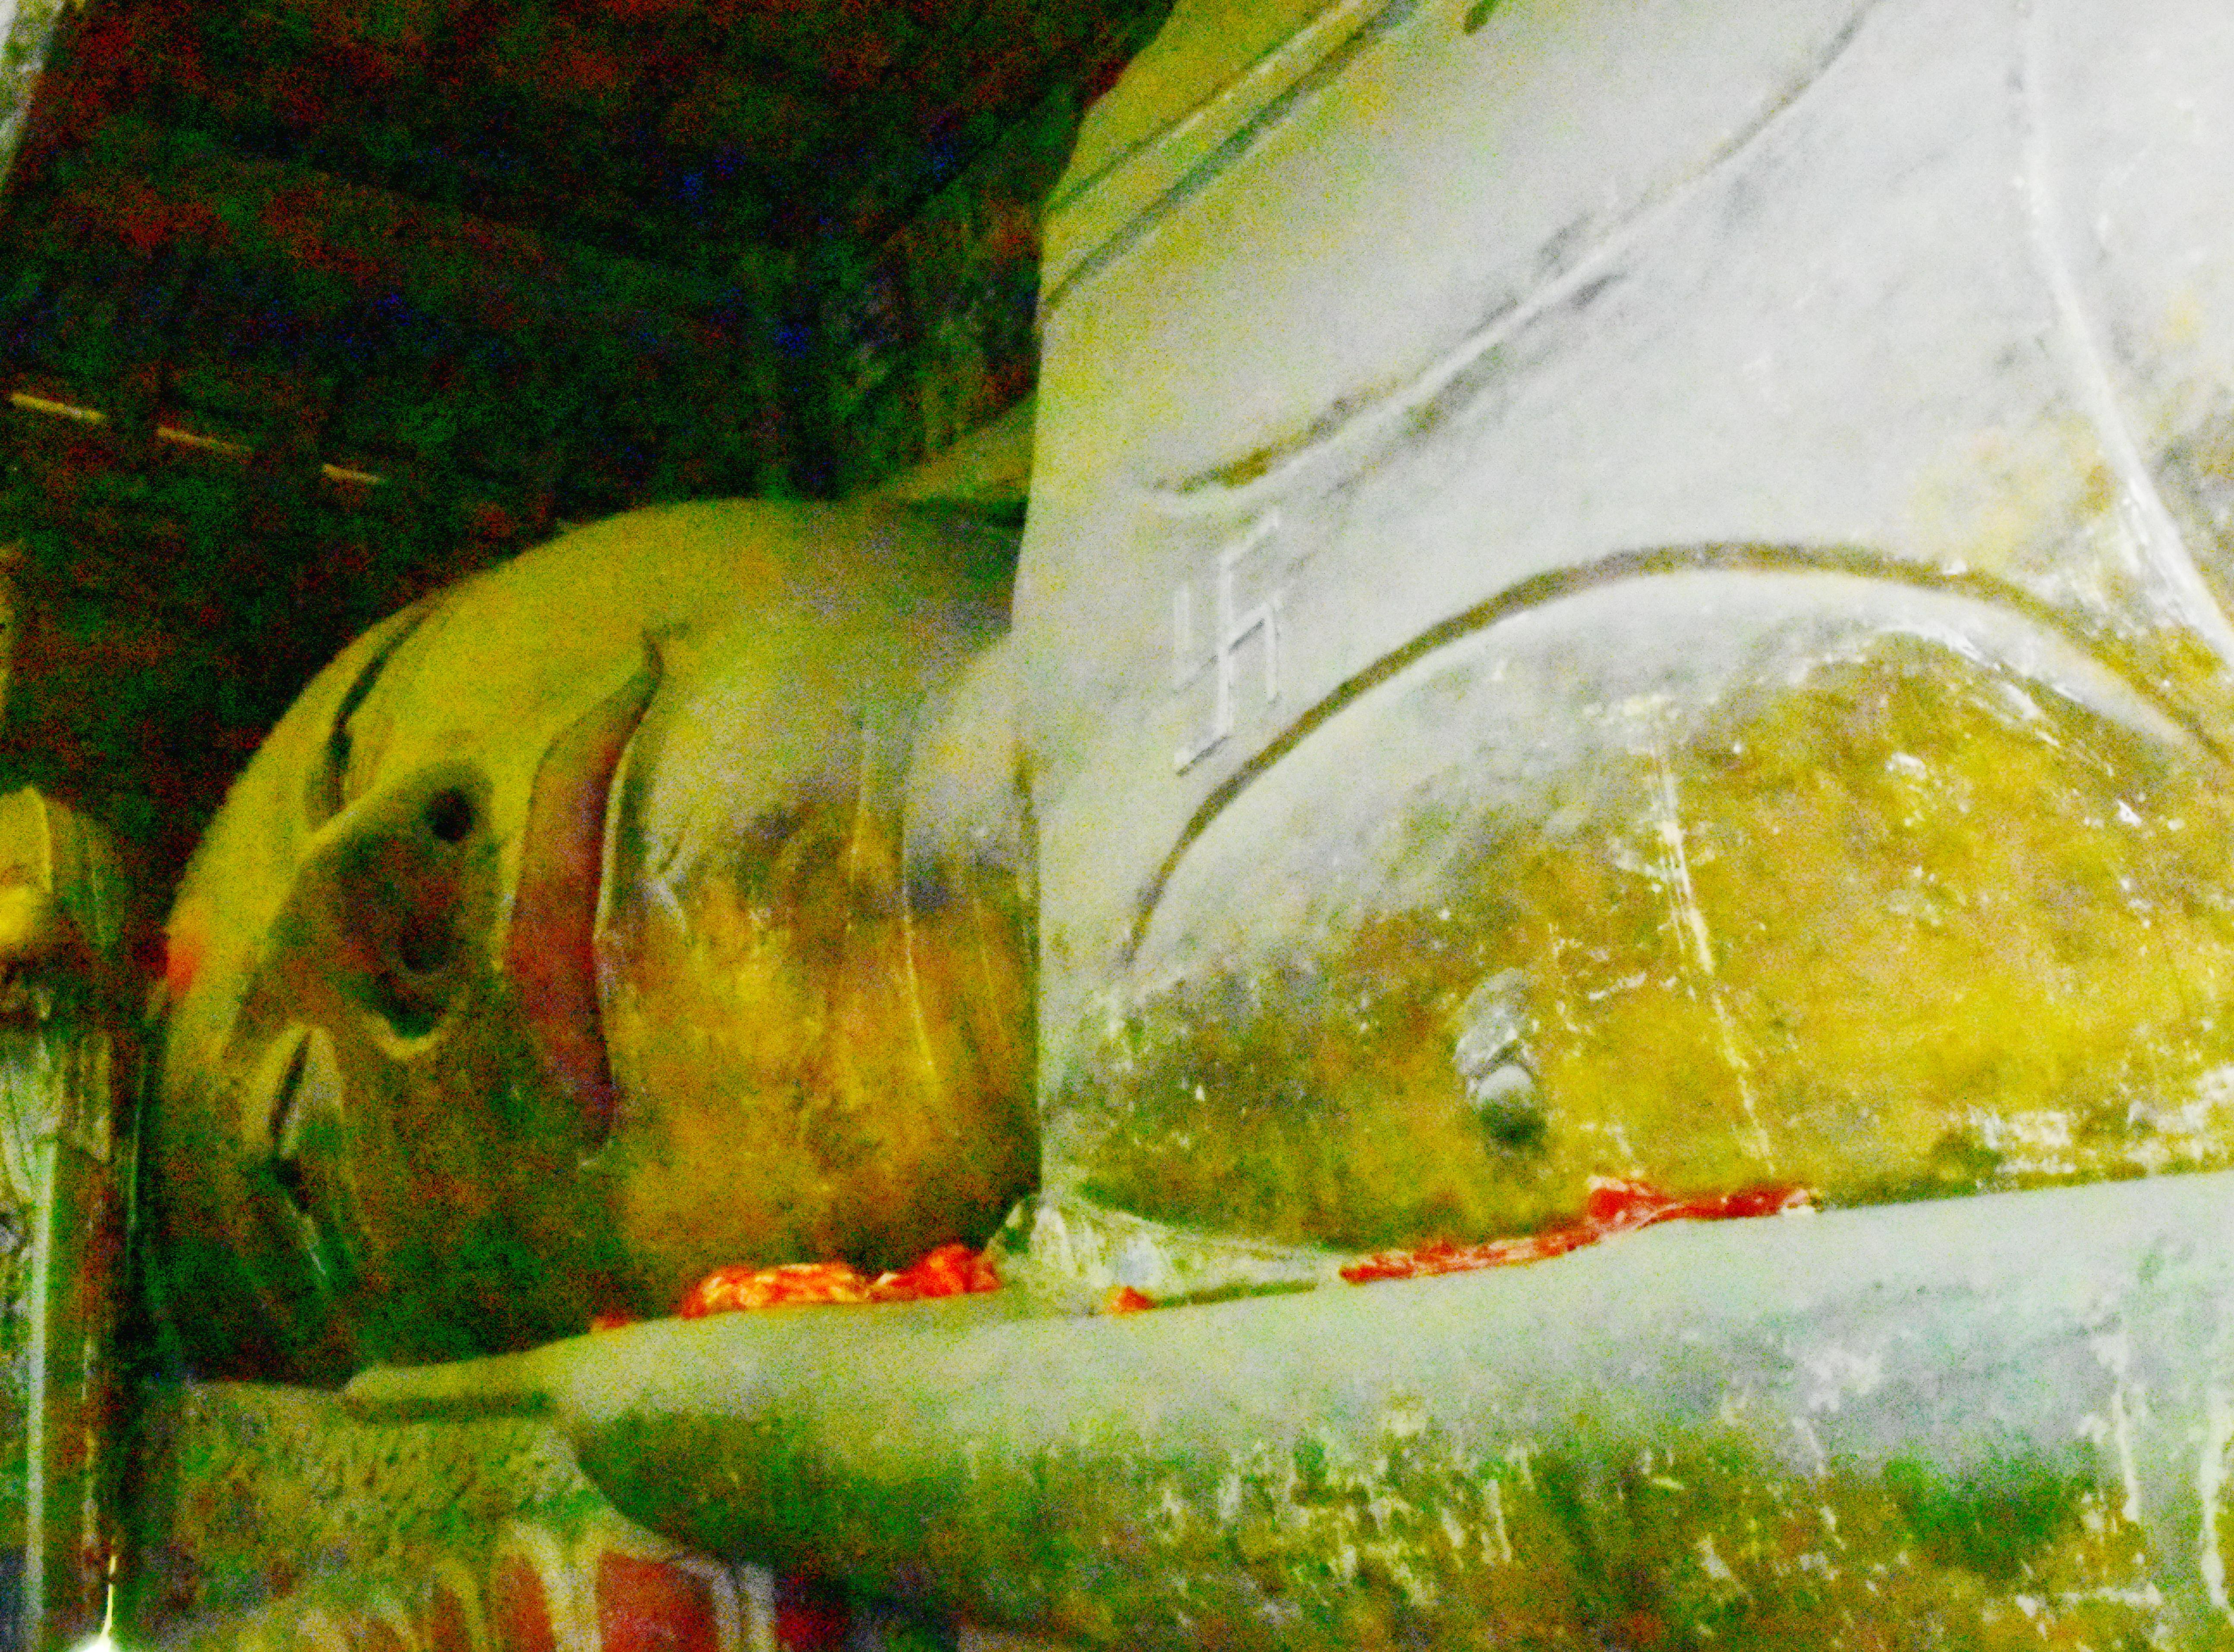 036 - ג'אנג יה - מקדש הבודהה השוכב - הראש